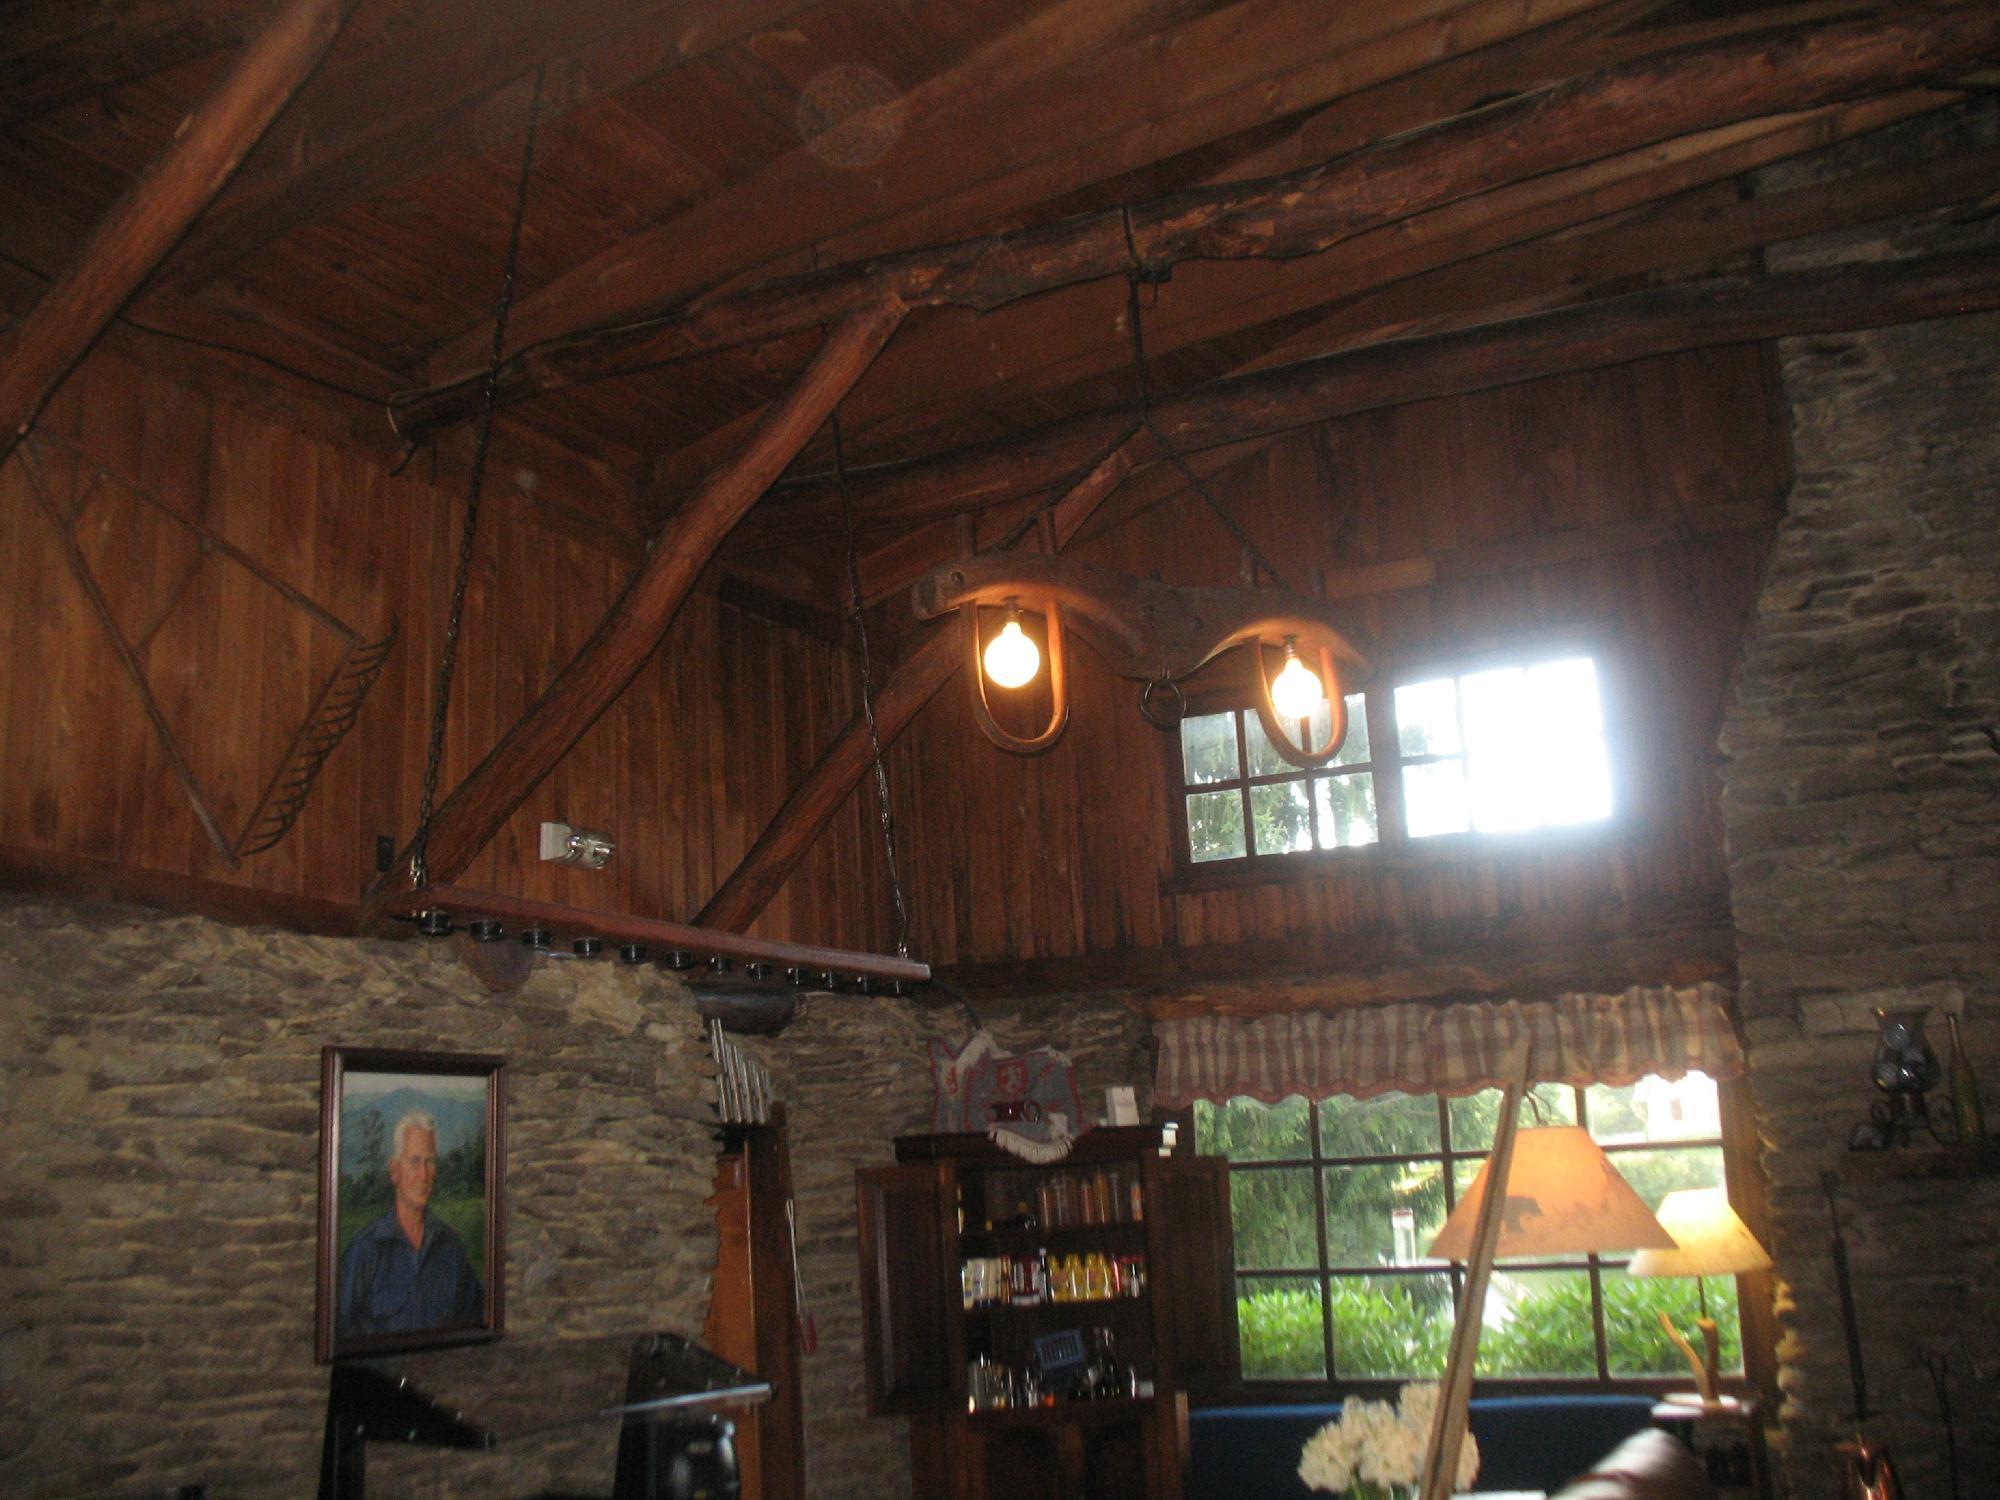 The Cataloochee Ranch